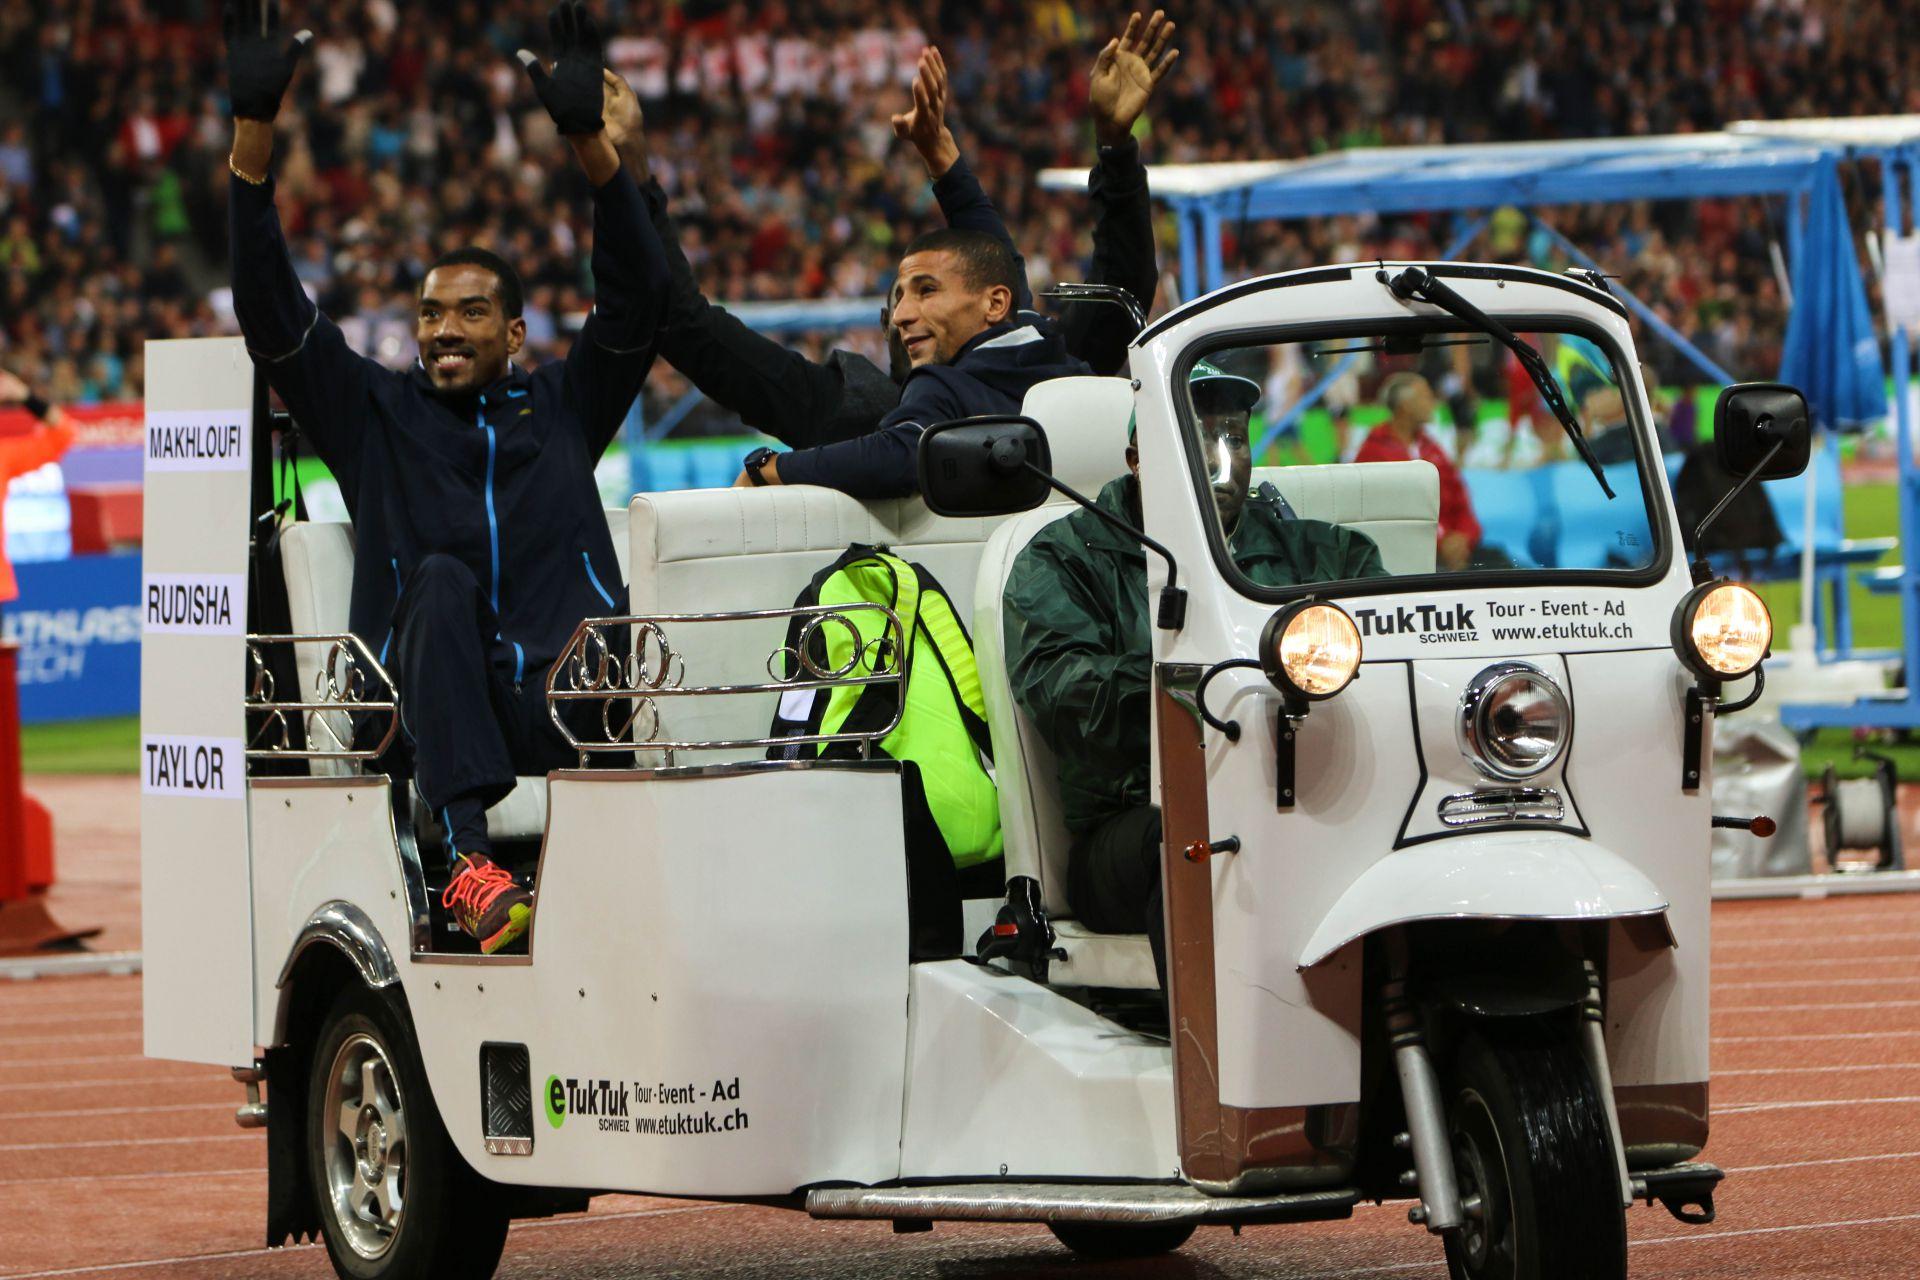 tuktuk - geniessen sie asiatisches strassenfeeling und entdecken